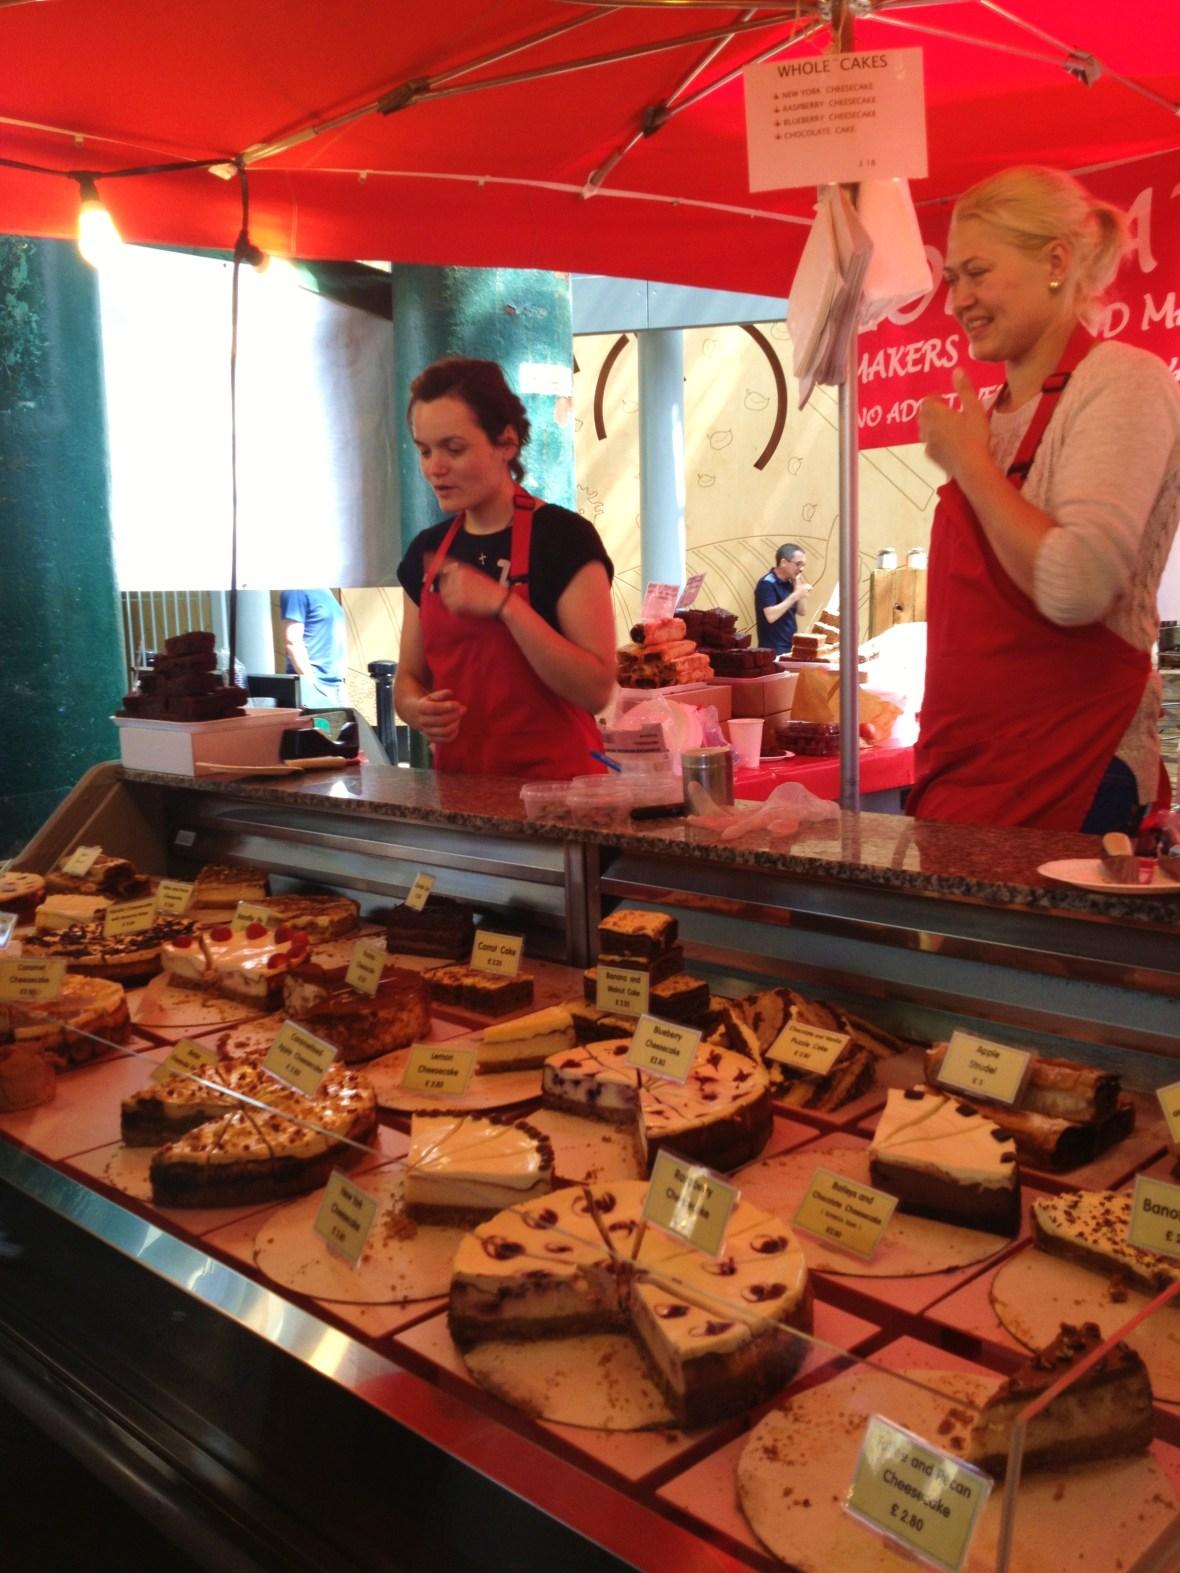 MoMo & Coco's Guide to London's Borough Market Desserts - Ion Patisserie